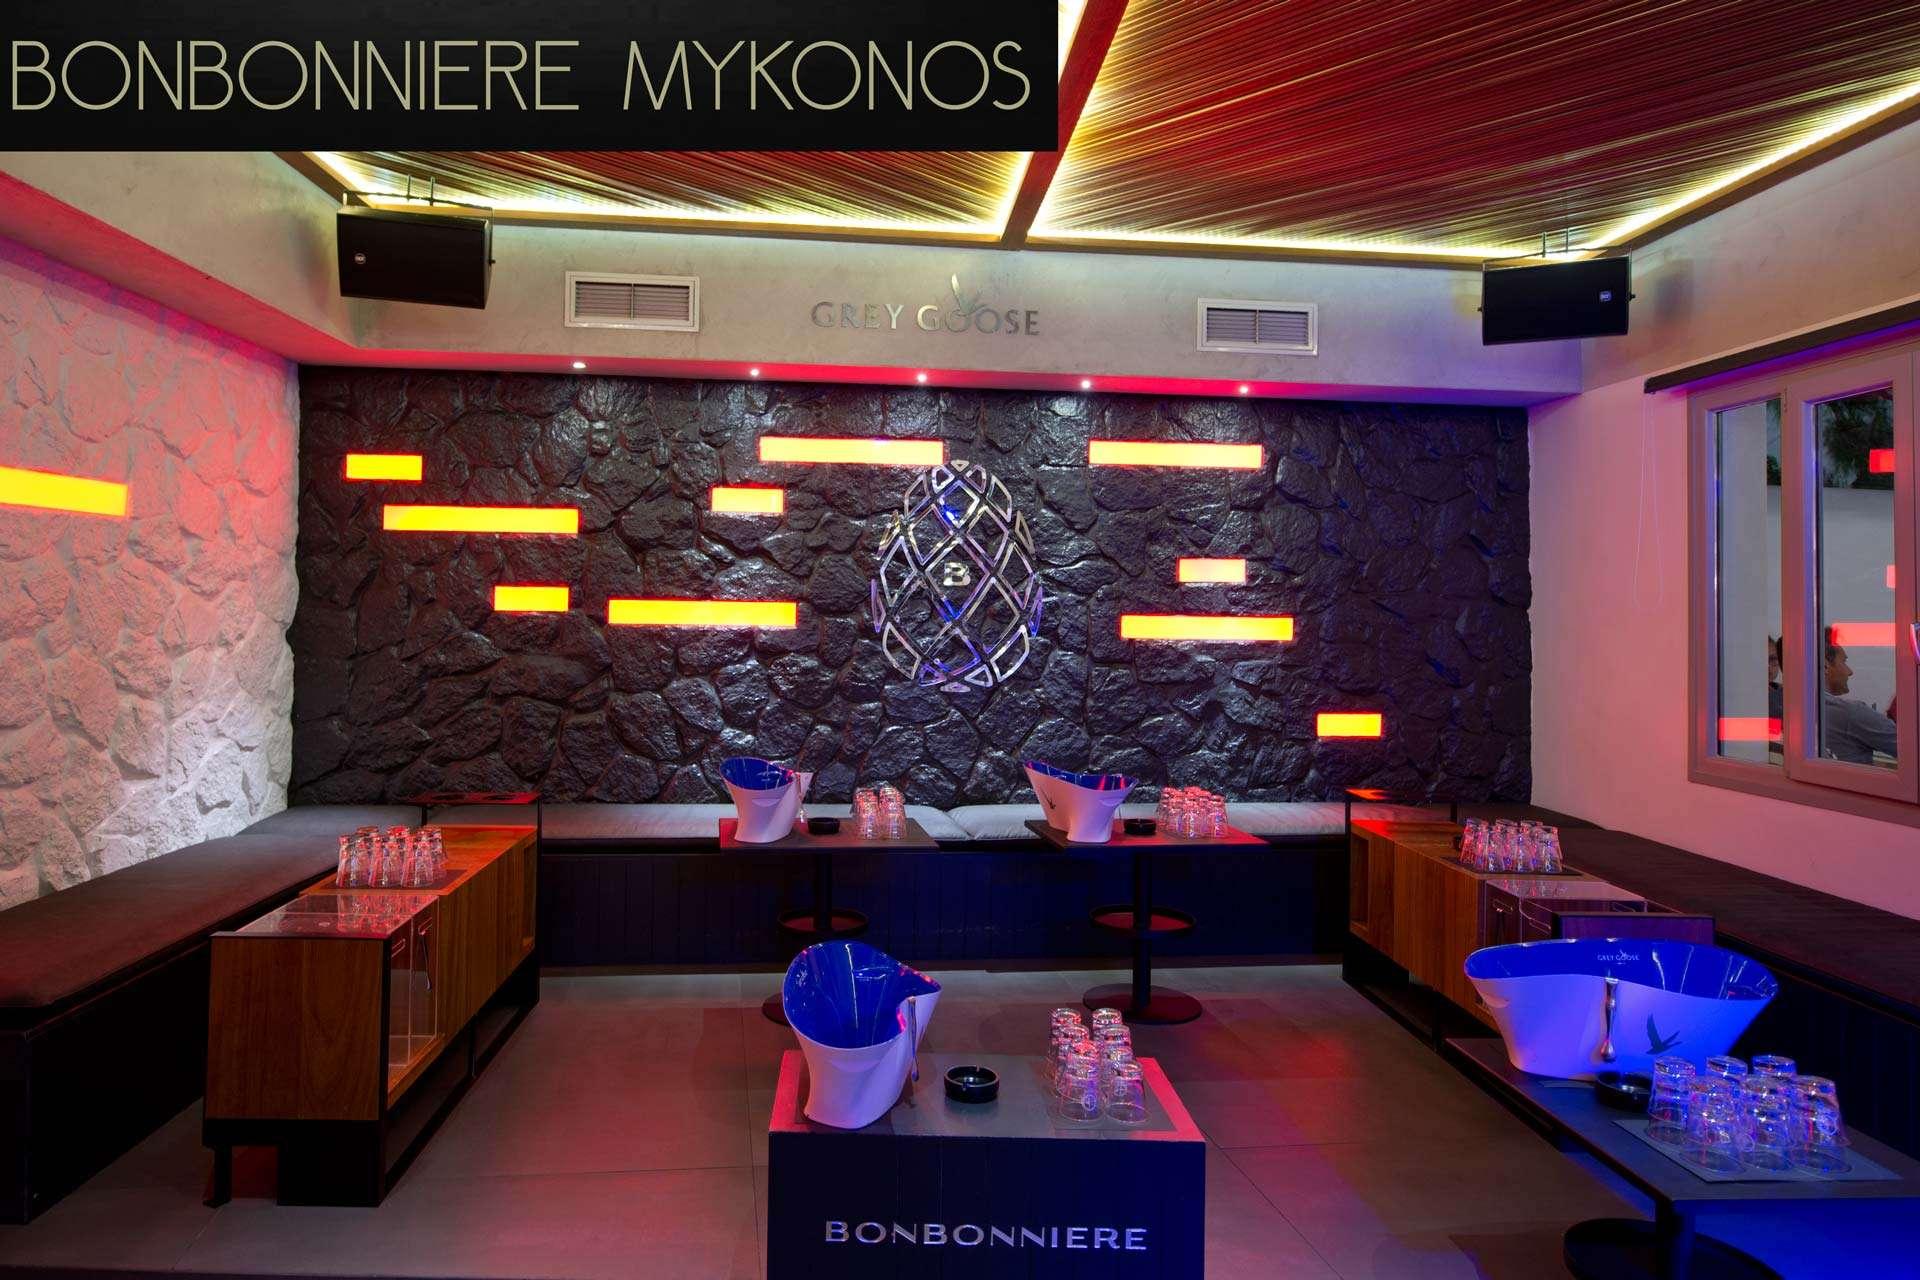 Bonbonniere Club Mykonos